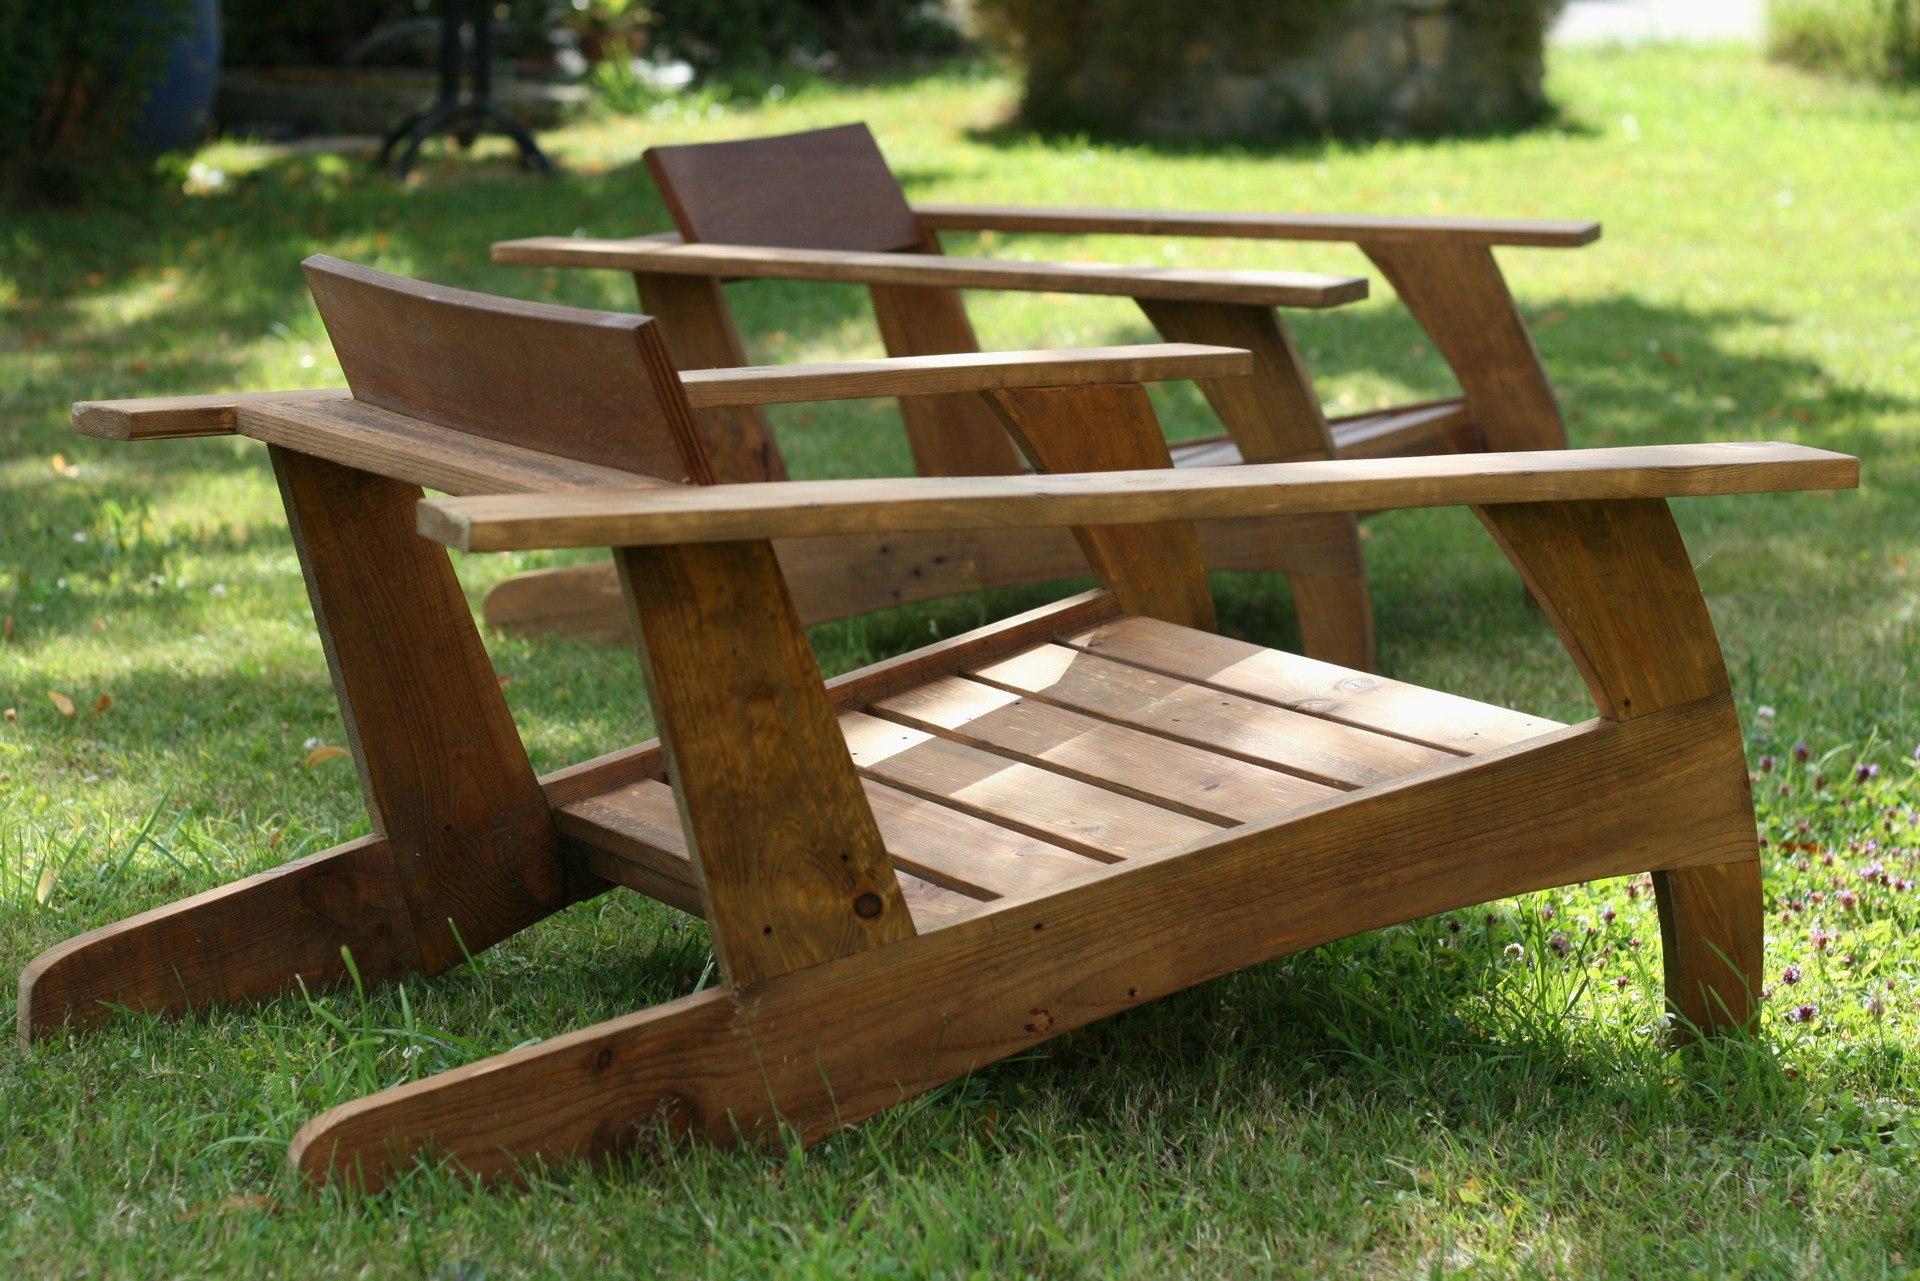 Fabriquer une chaise de jardin en bois - veranda-styledevie.fr